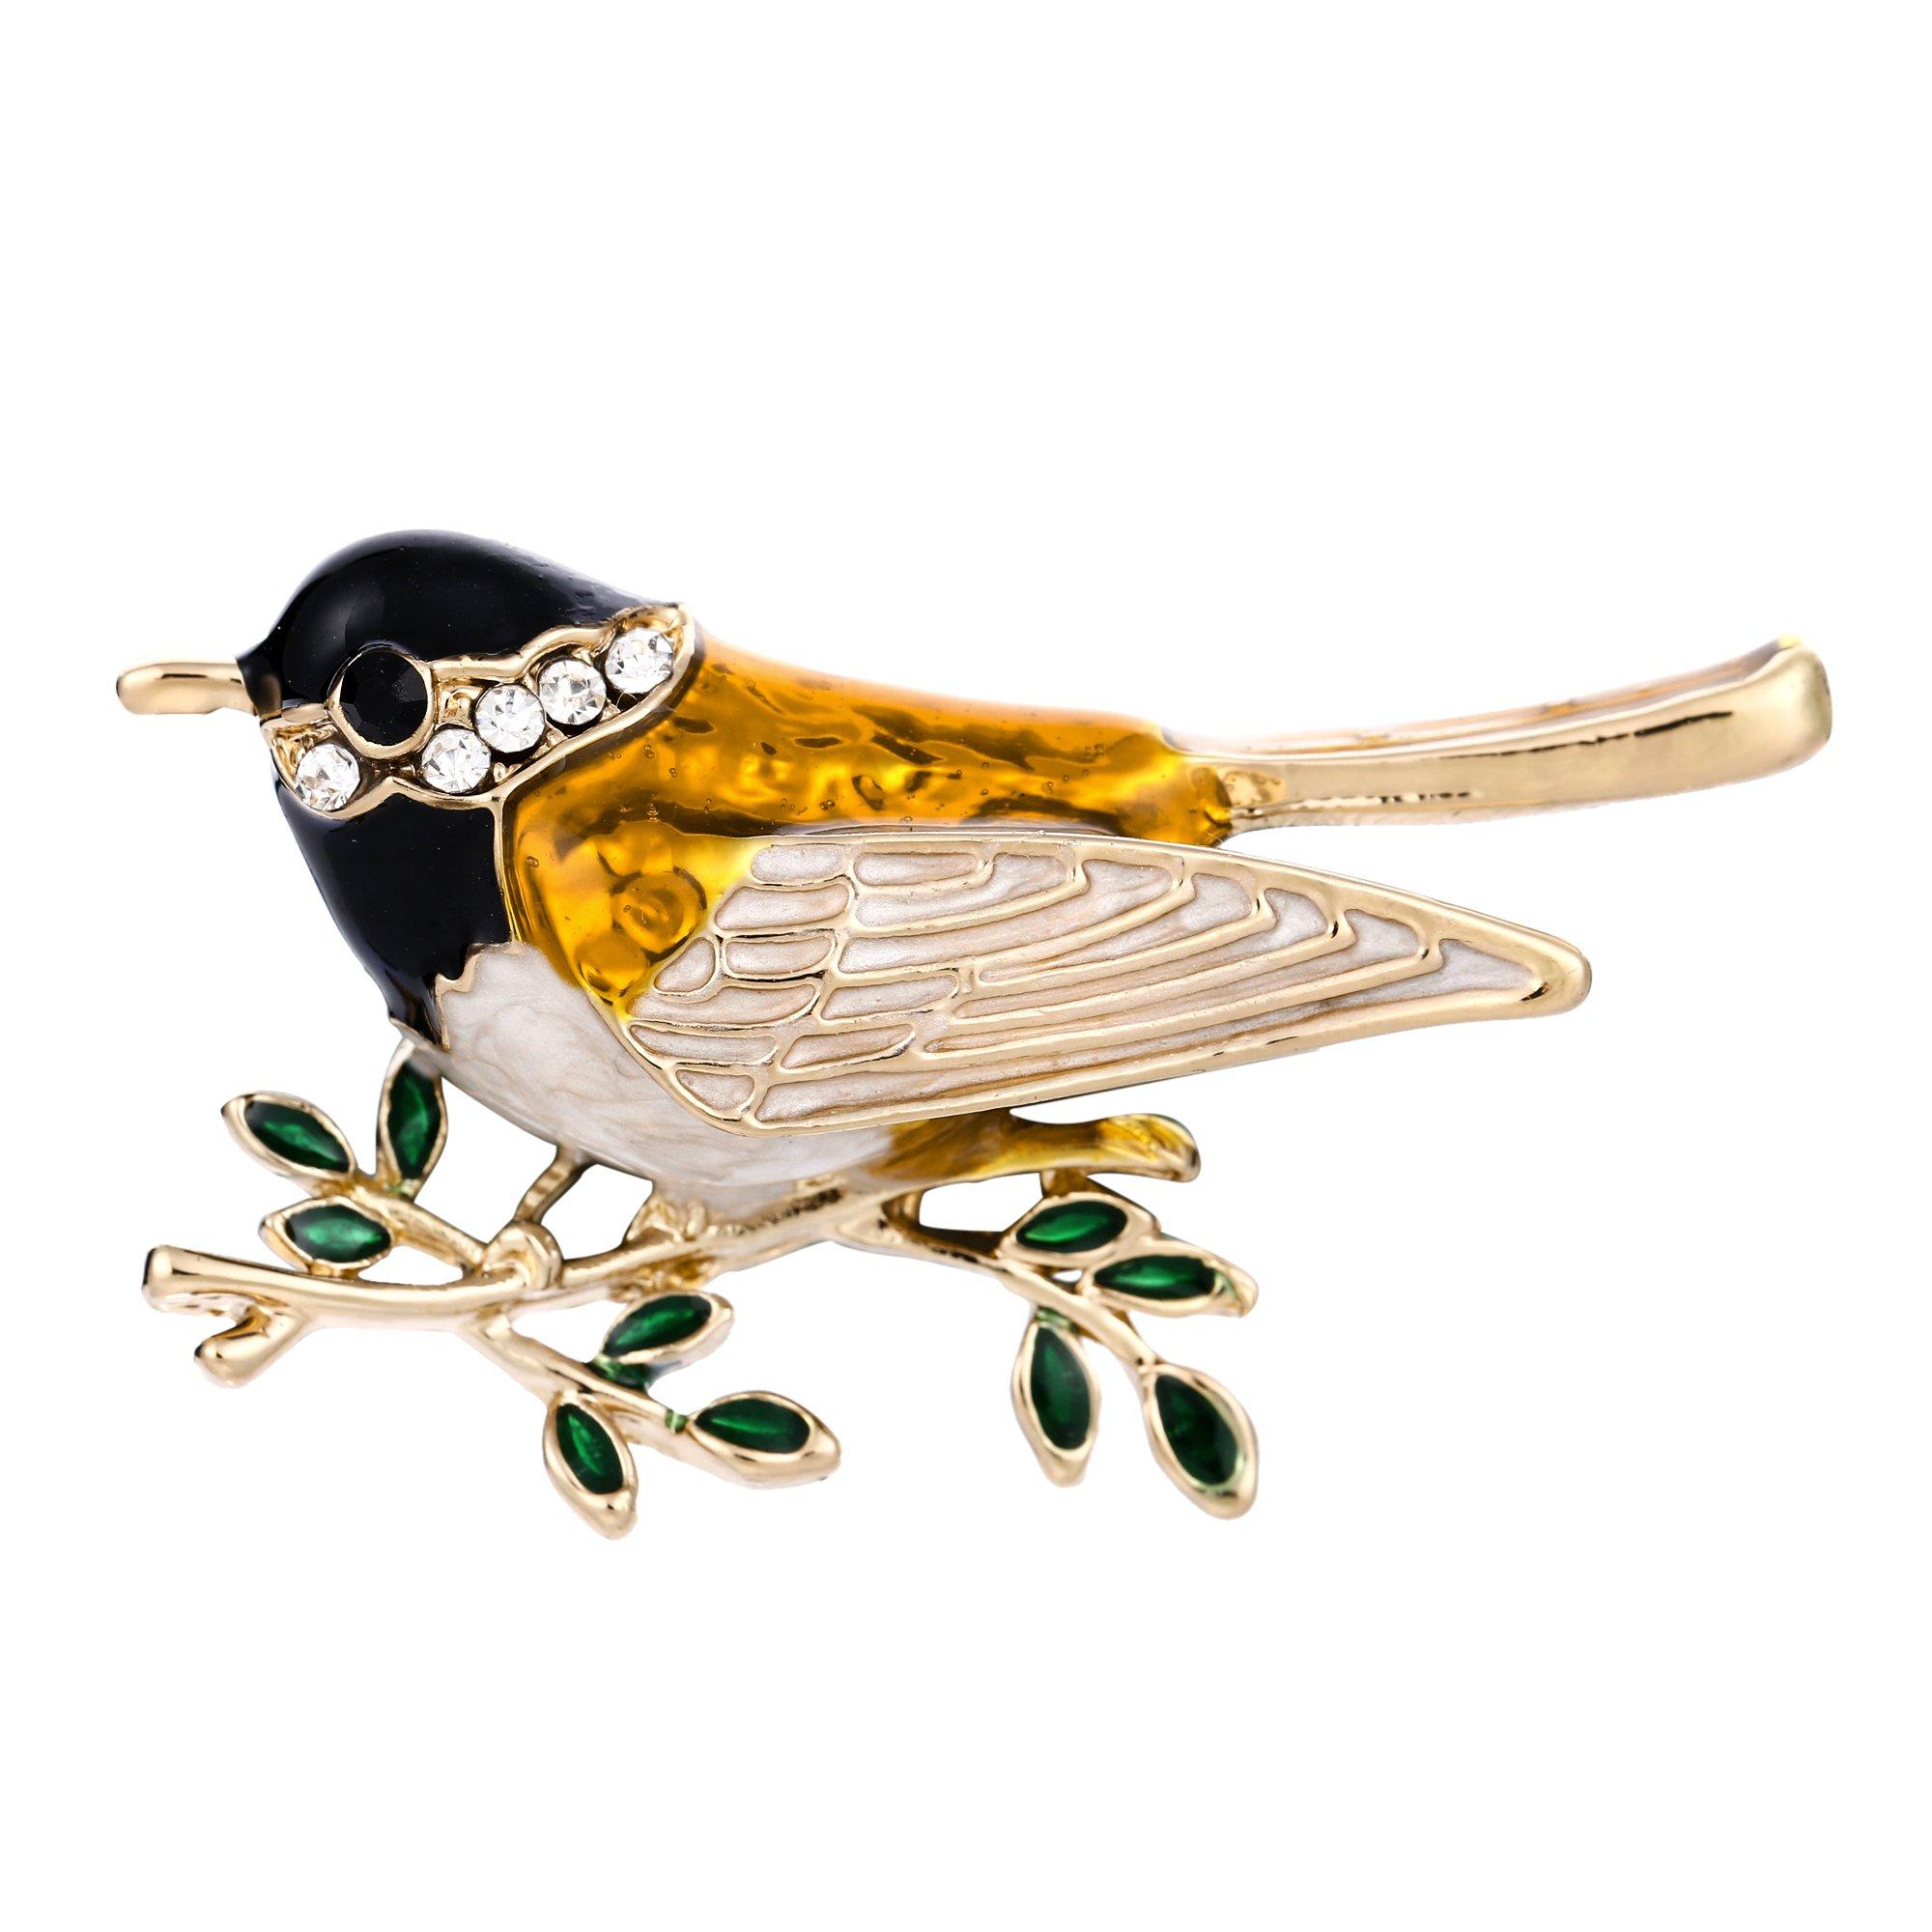 EVER FAITH Austrian Crystal Yellow Enamel Adorable Sparrow Bird Animal Brooch Pin Clear Gold-Tone